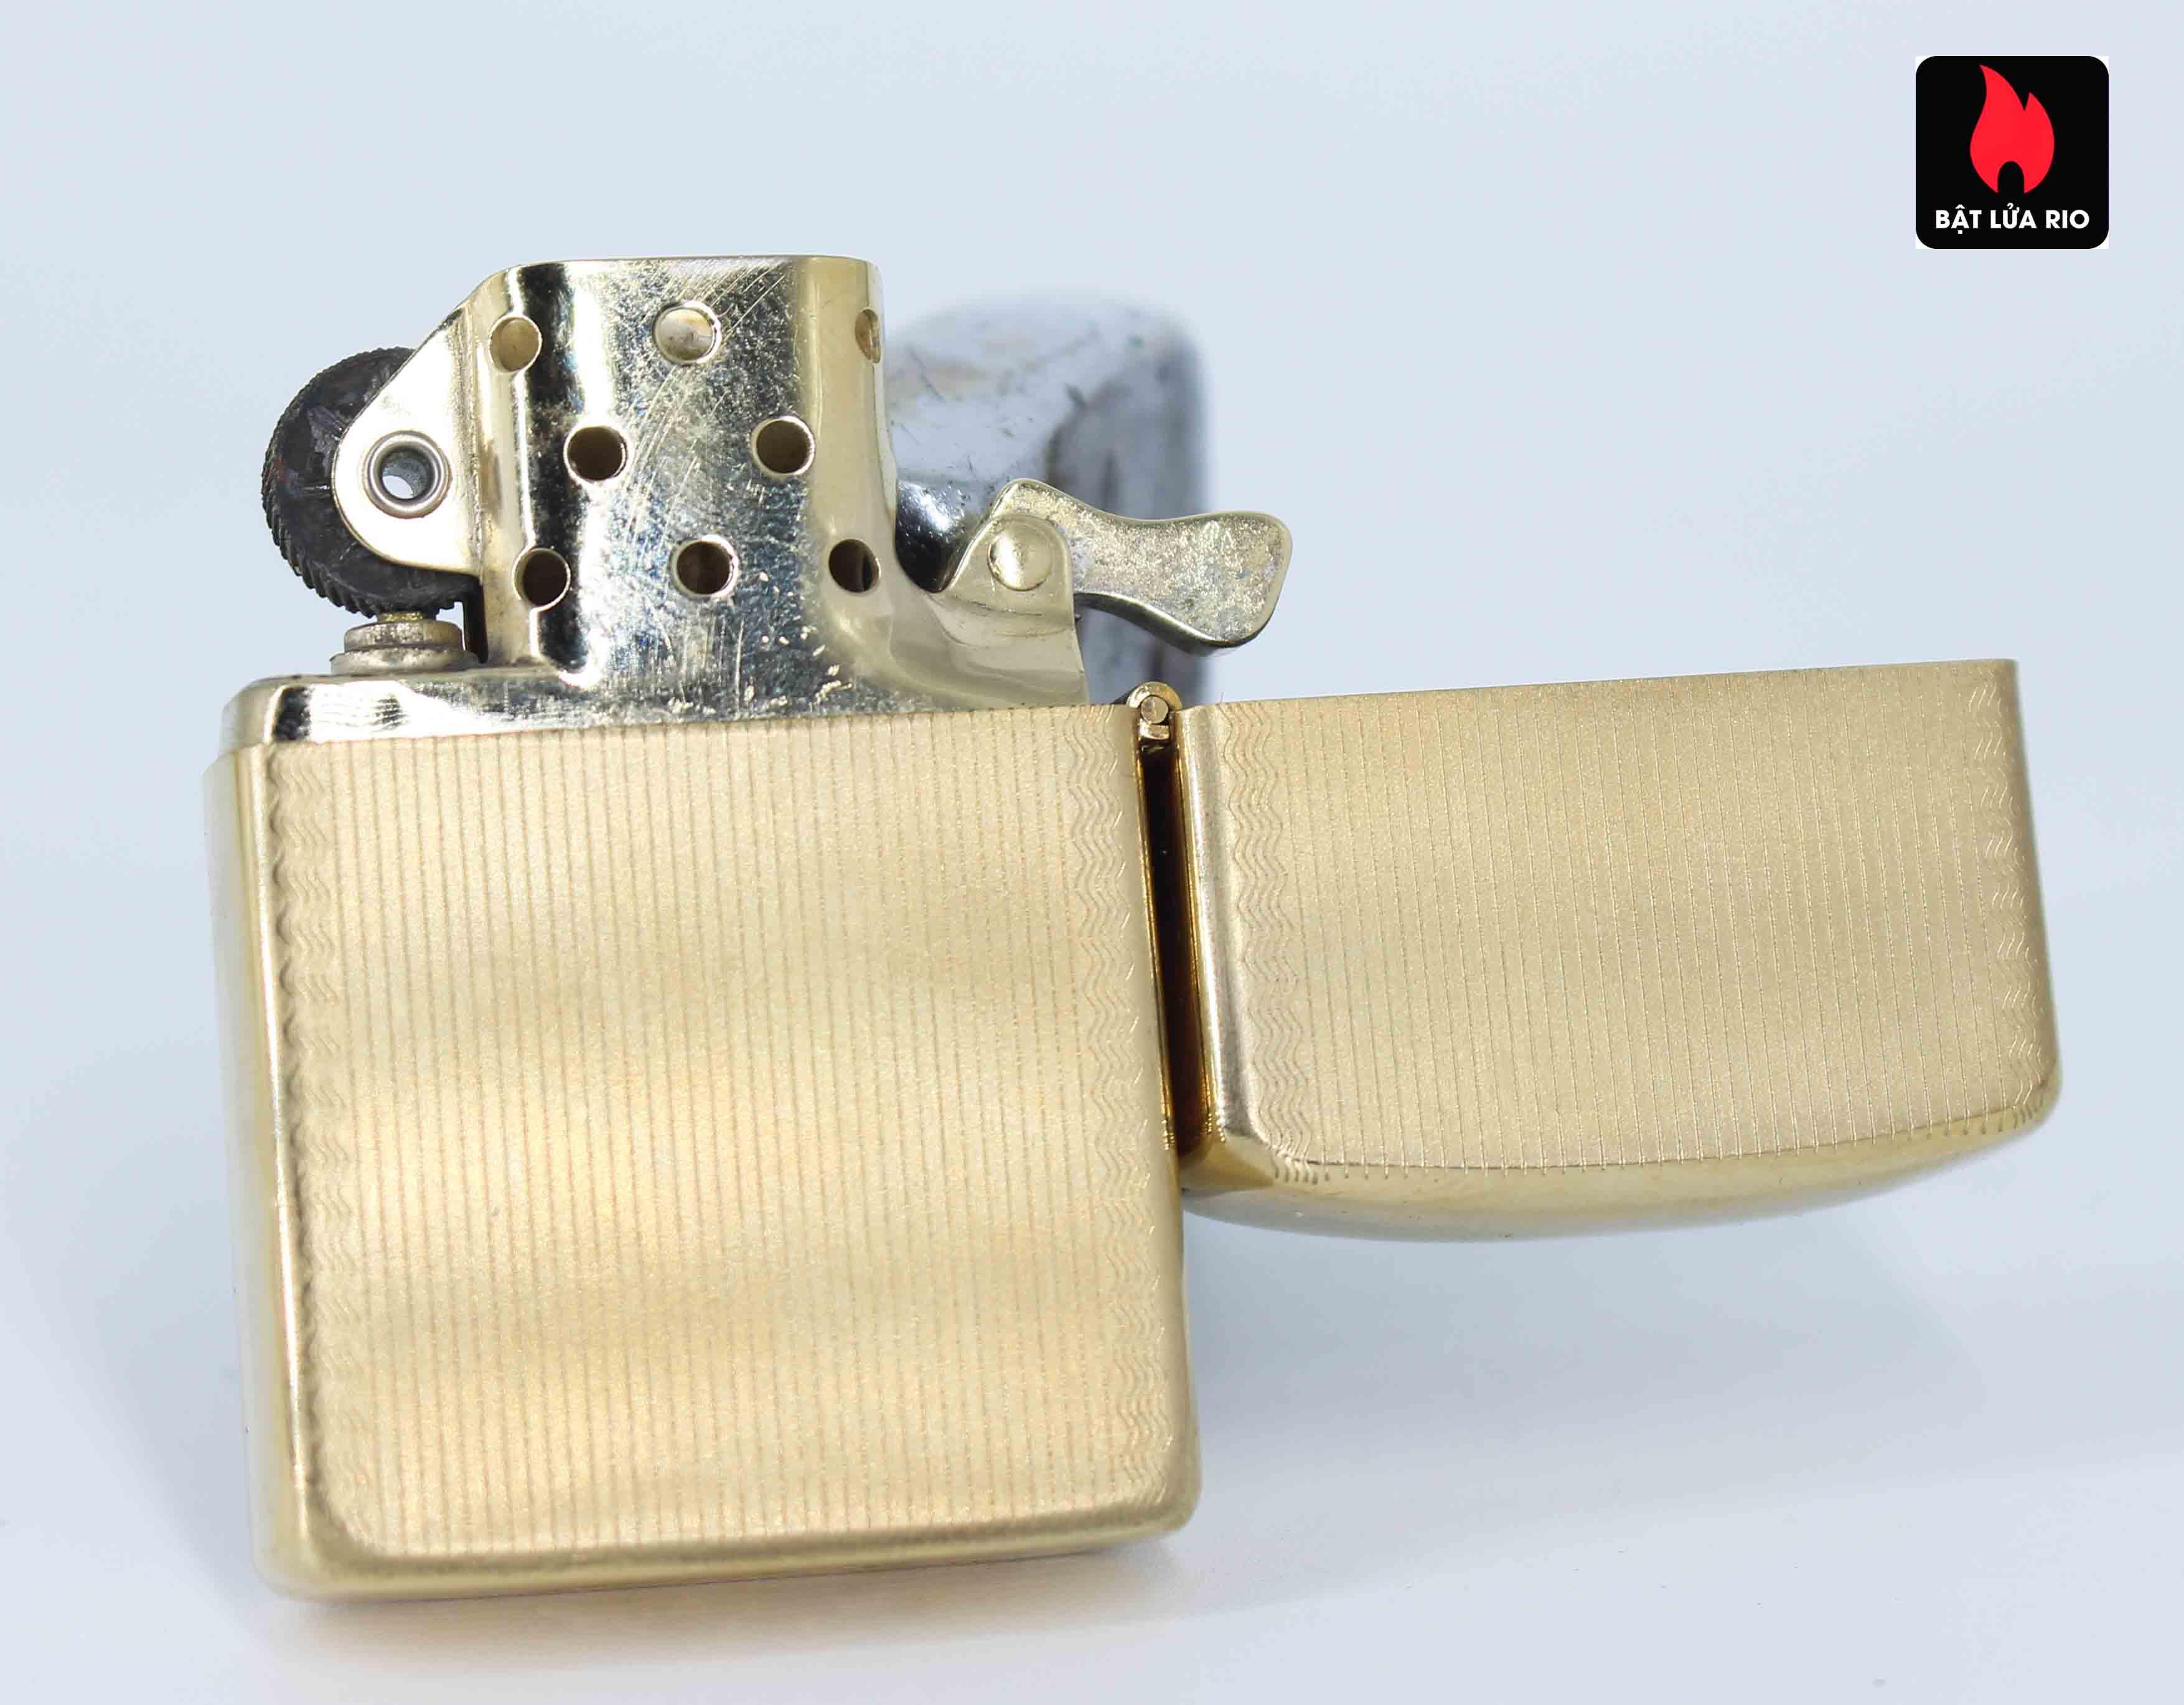 Zippo 1960s – 10K Gold Filled – Bọc Vàng 10K – Hoa Văn Sang Trọng 6